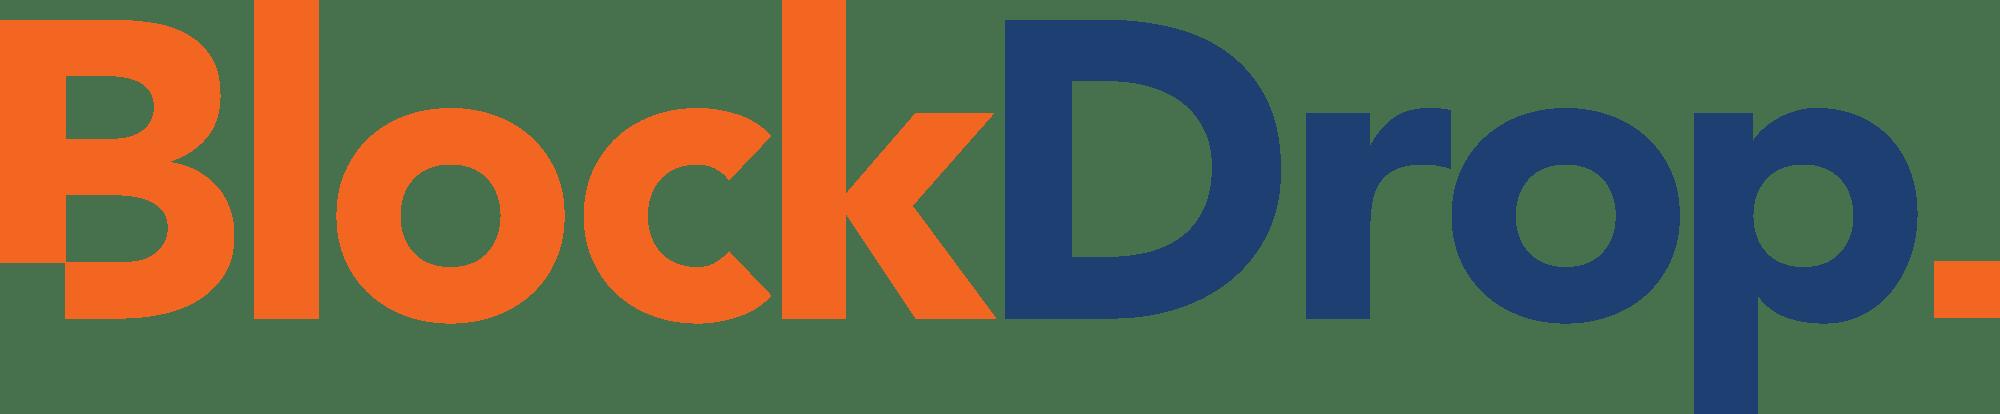 BlockDrop company logo